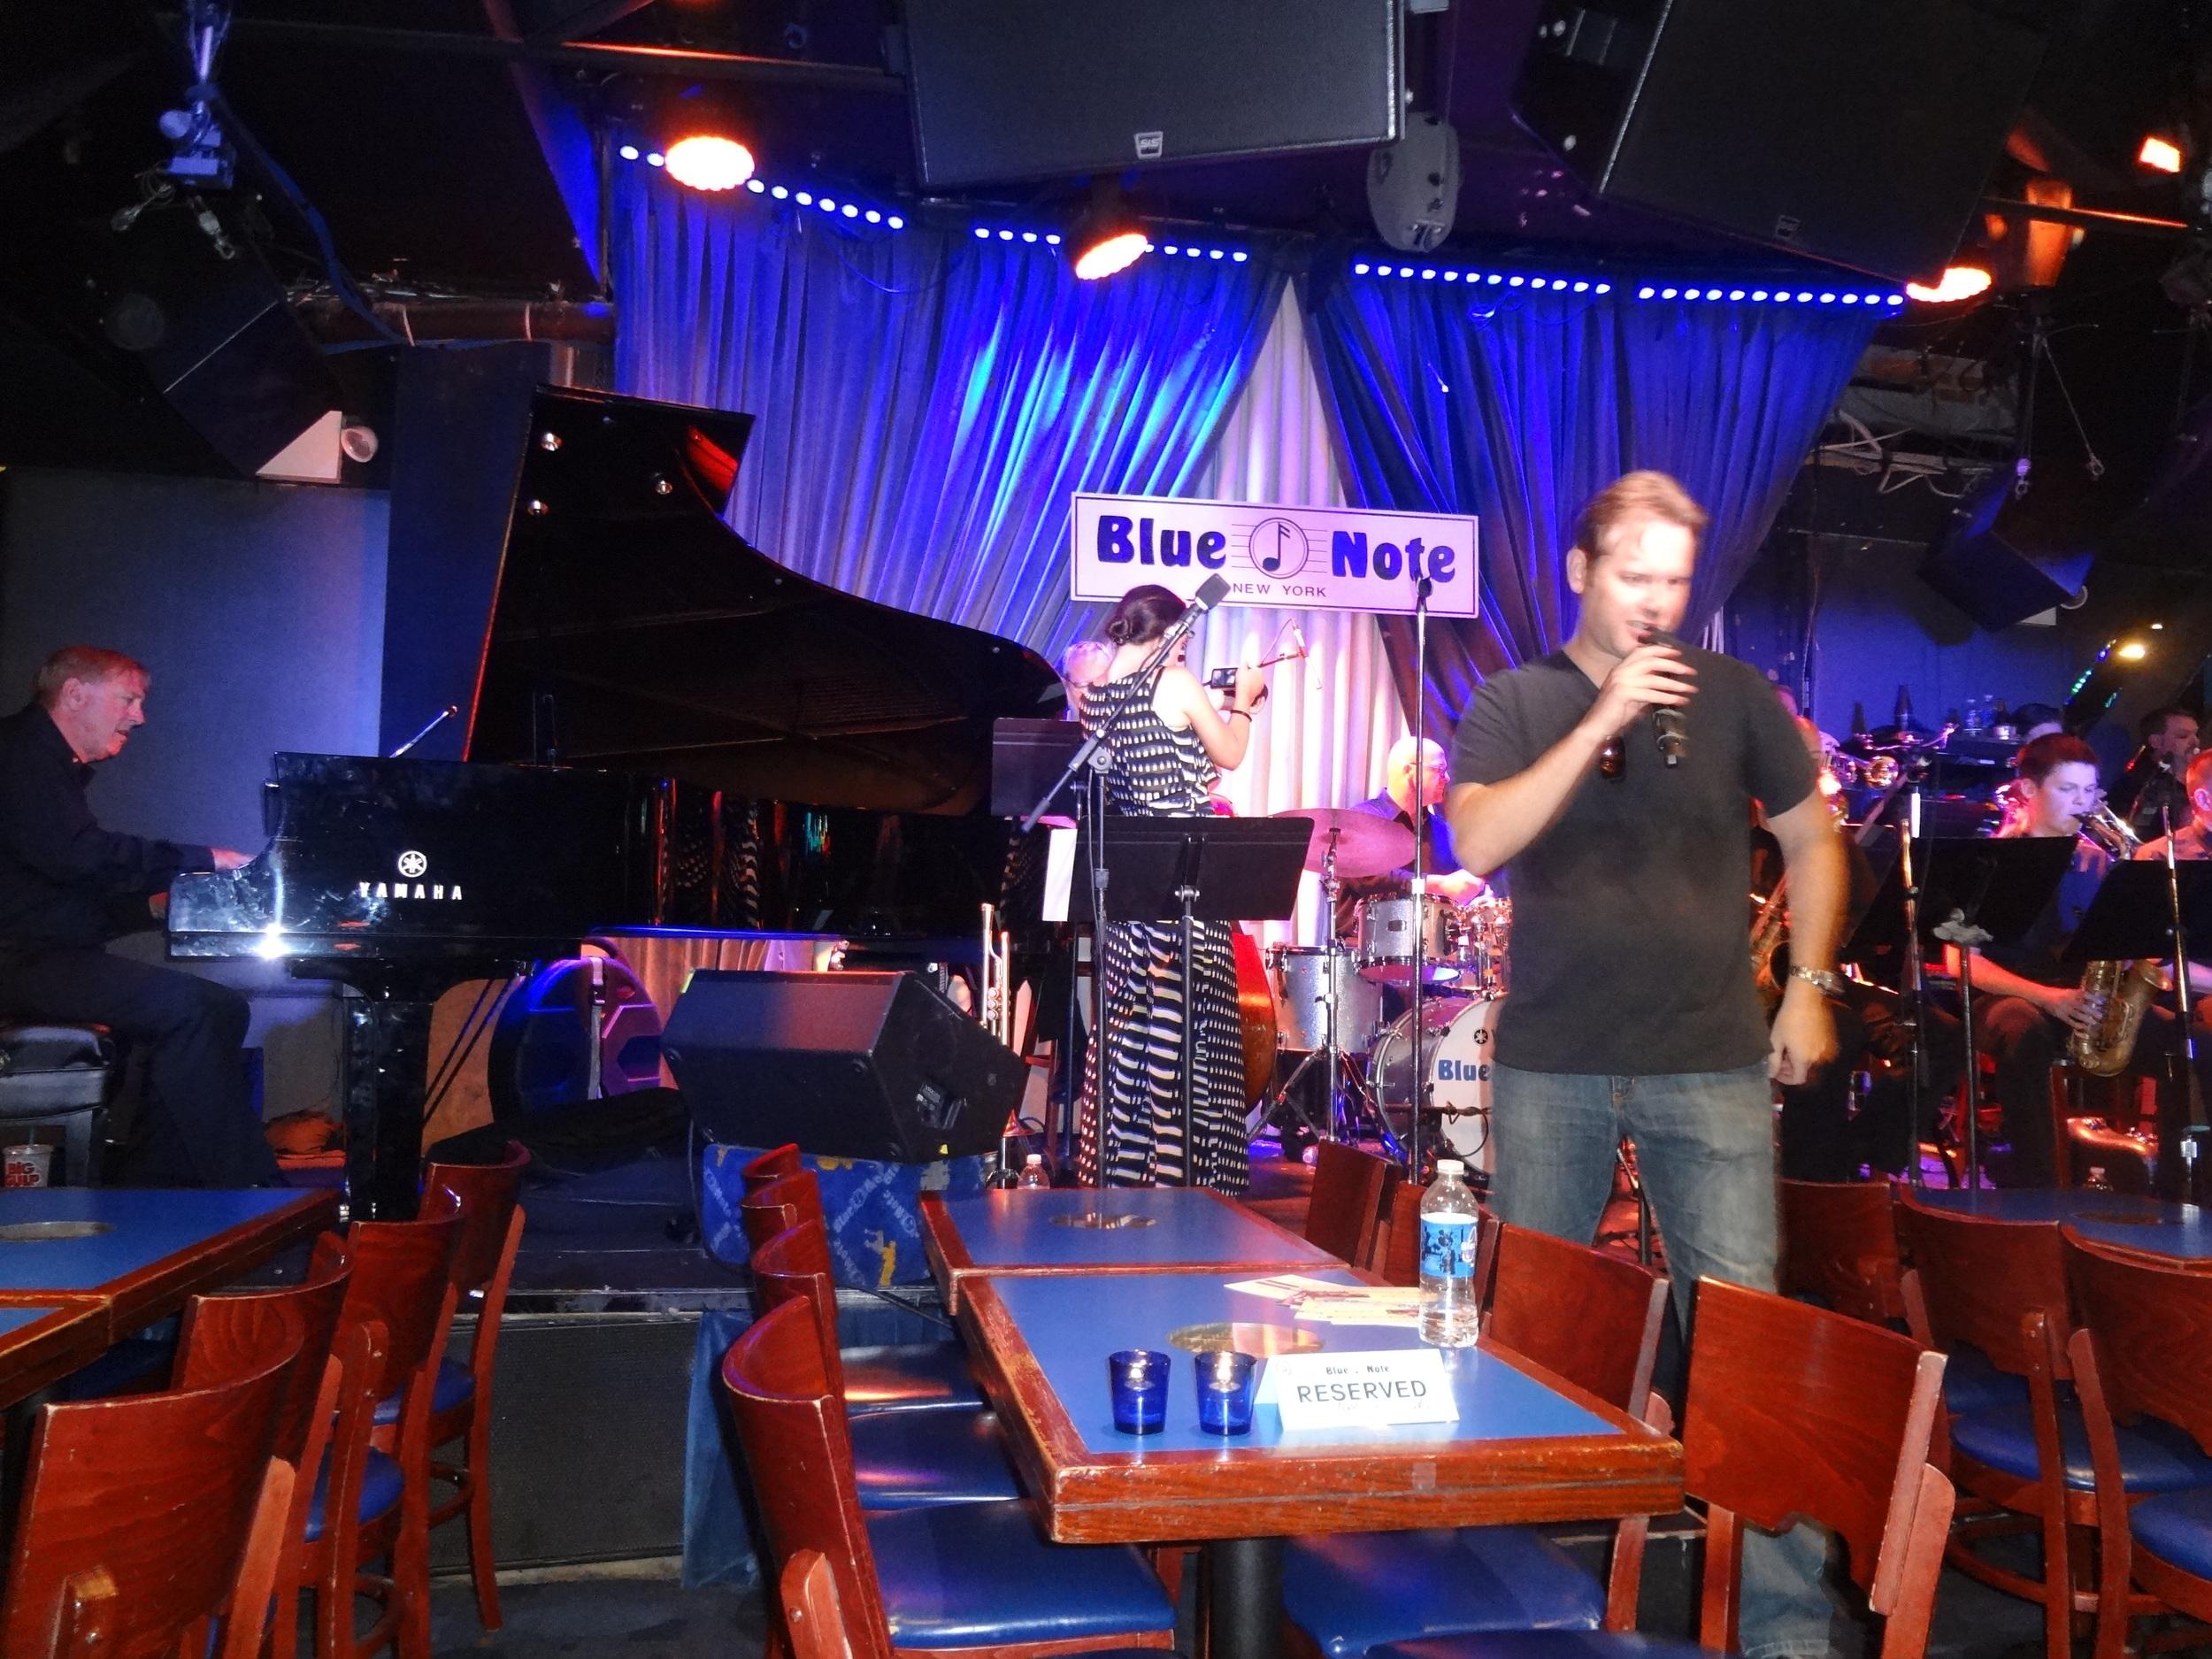 Joe Gransden and Big Band rehearsing